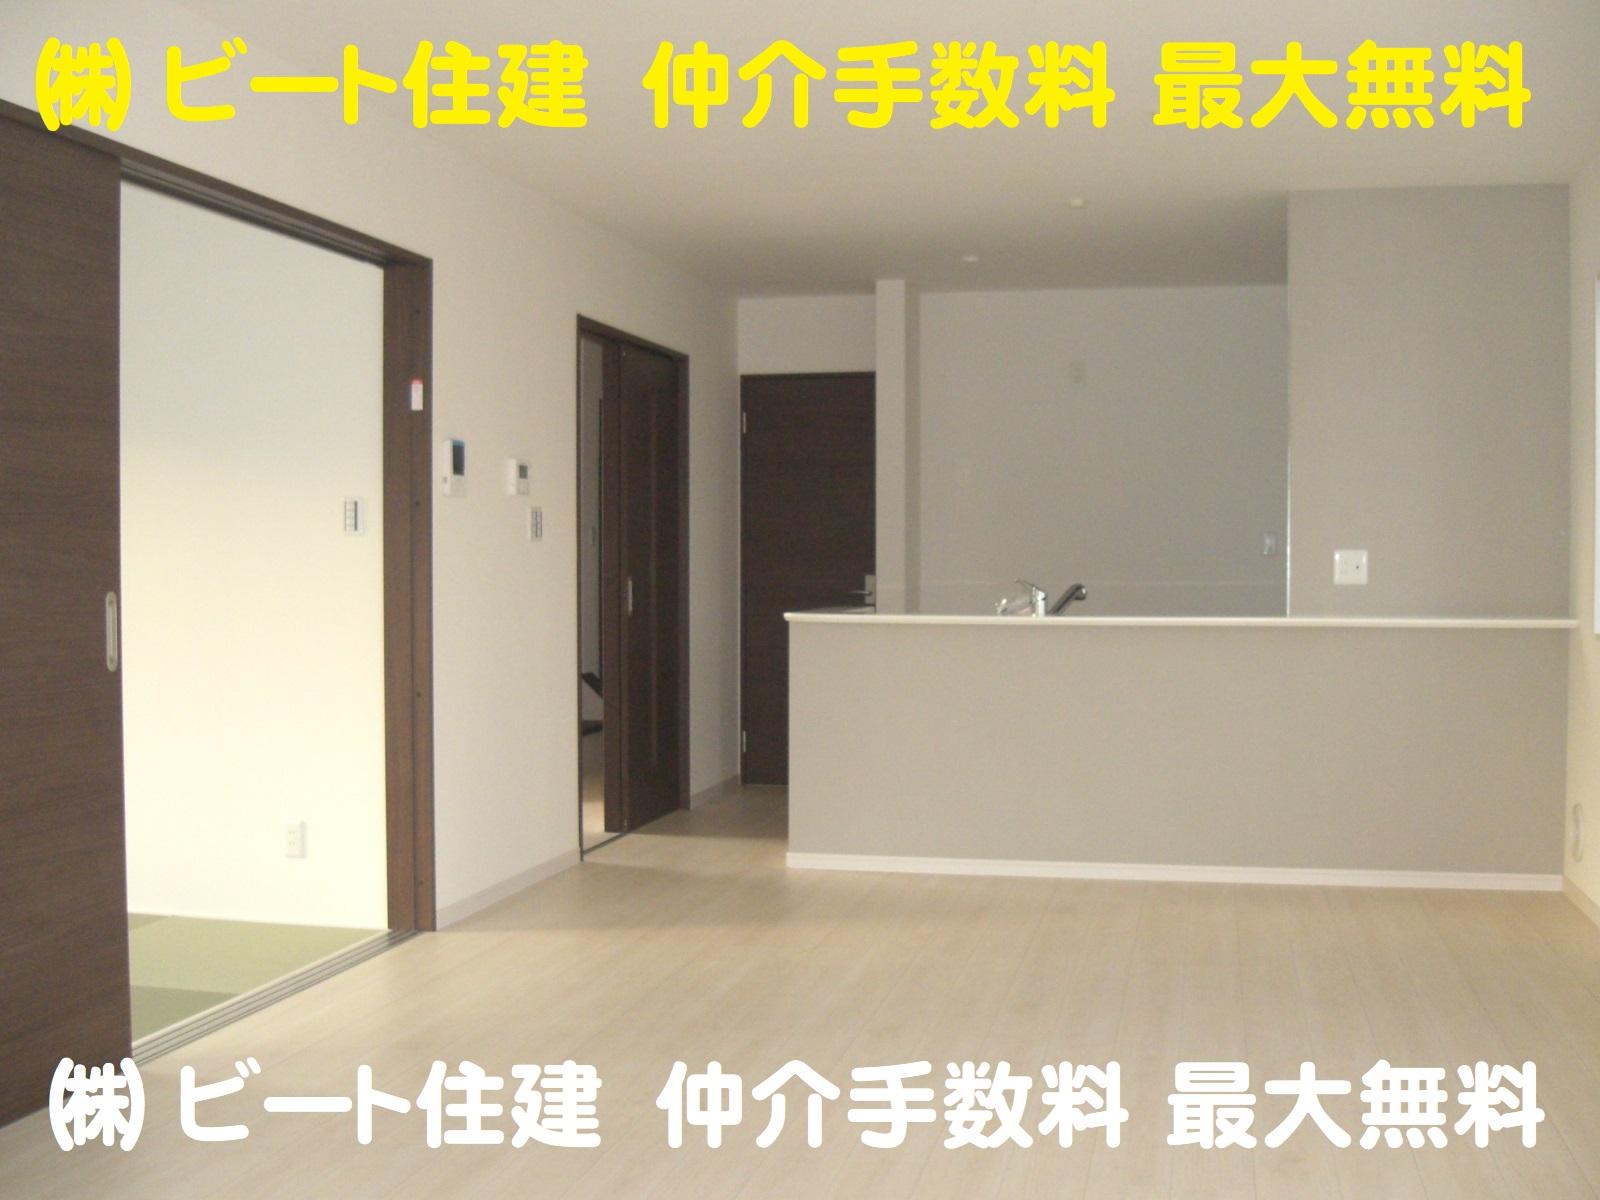 建物 販売 飯田グループ 一建設 大幅値引き 頑張ります! モデルハウス ご案内もお気軽に!